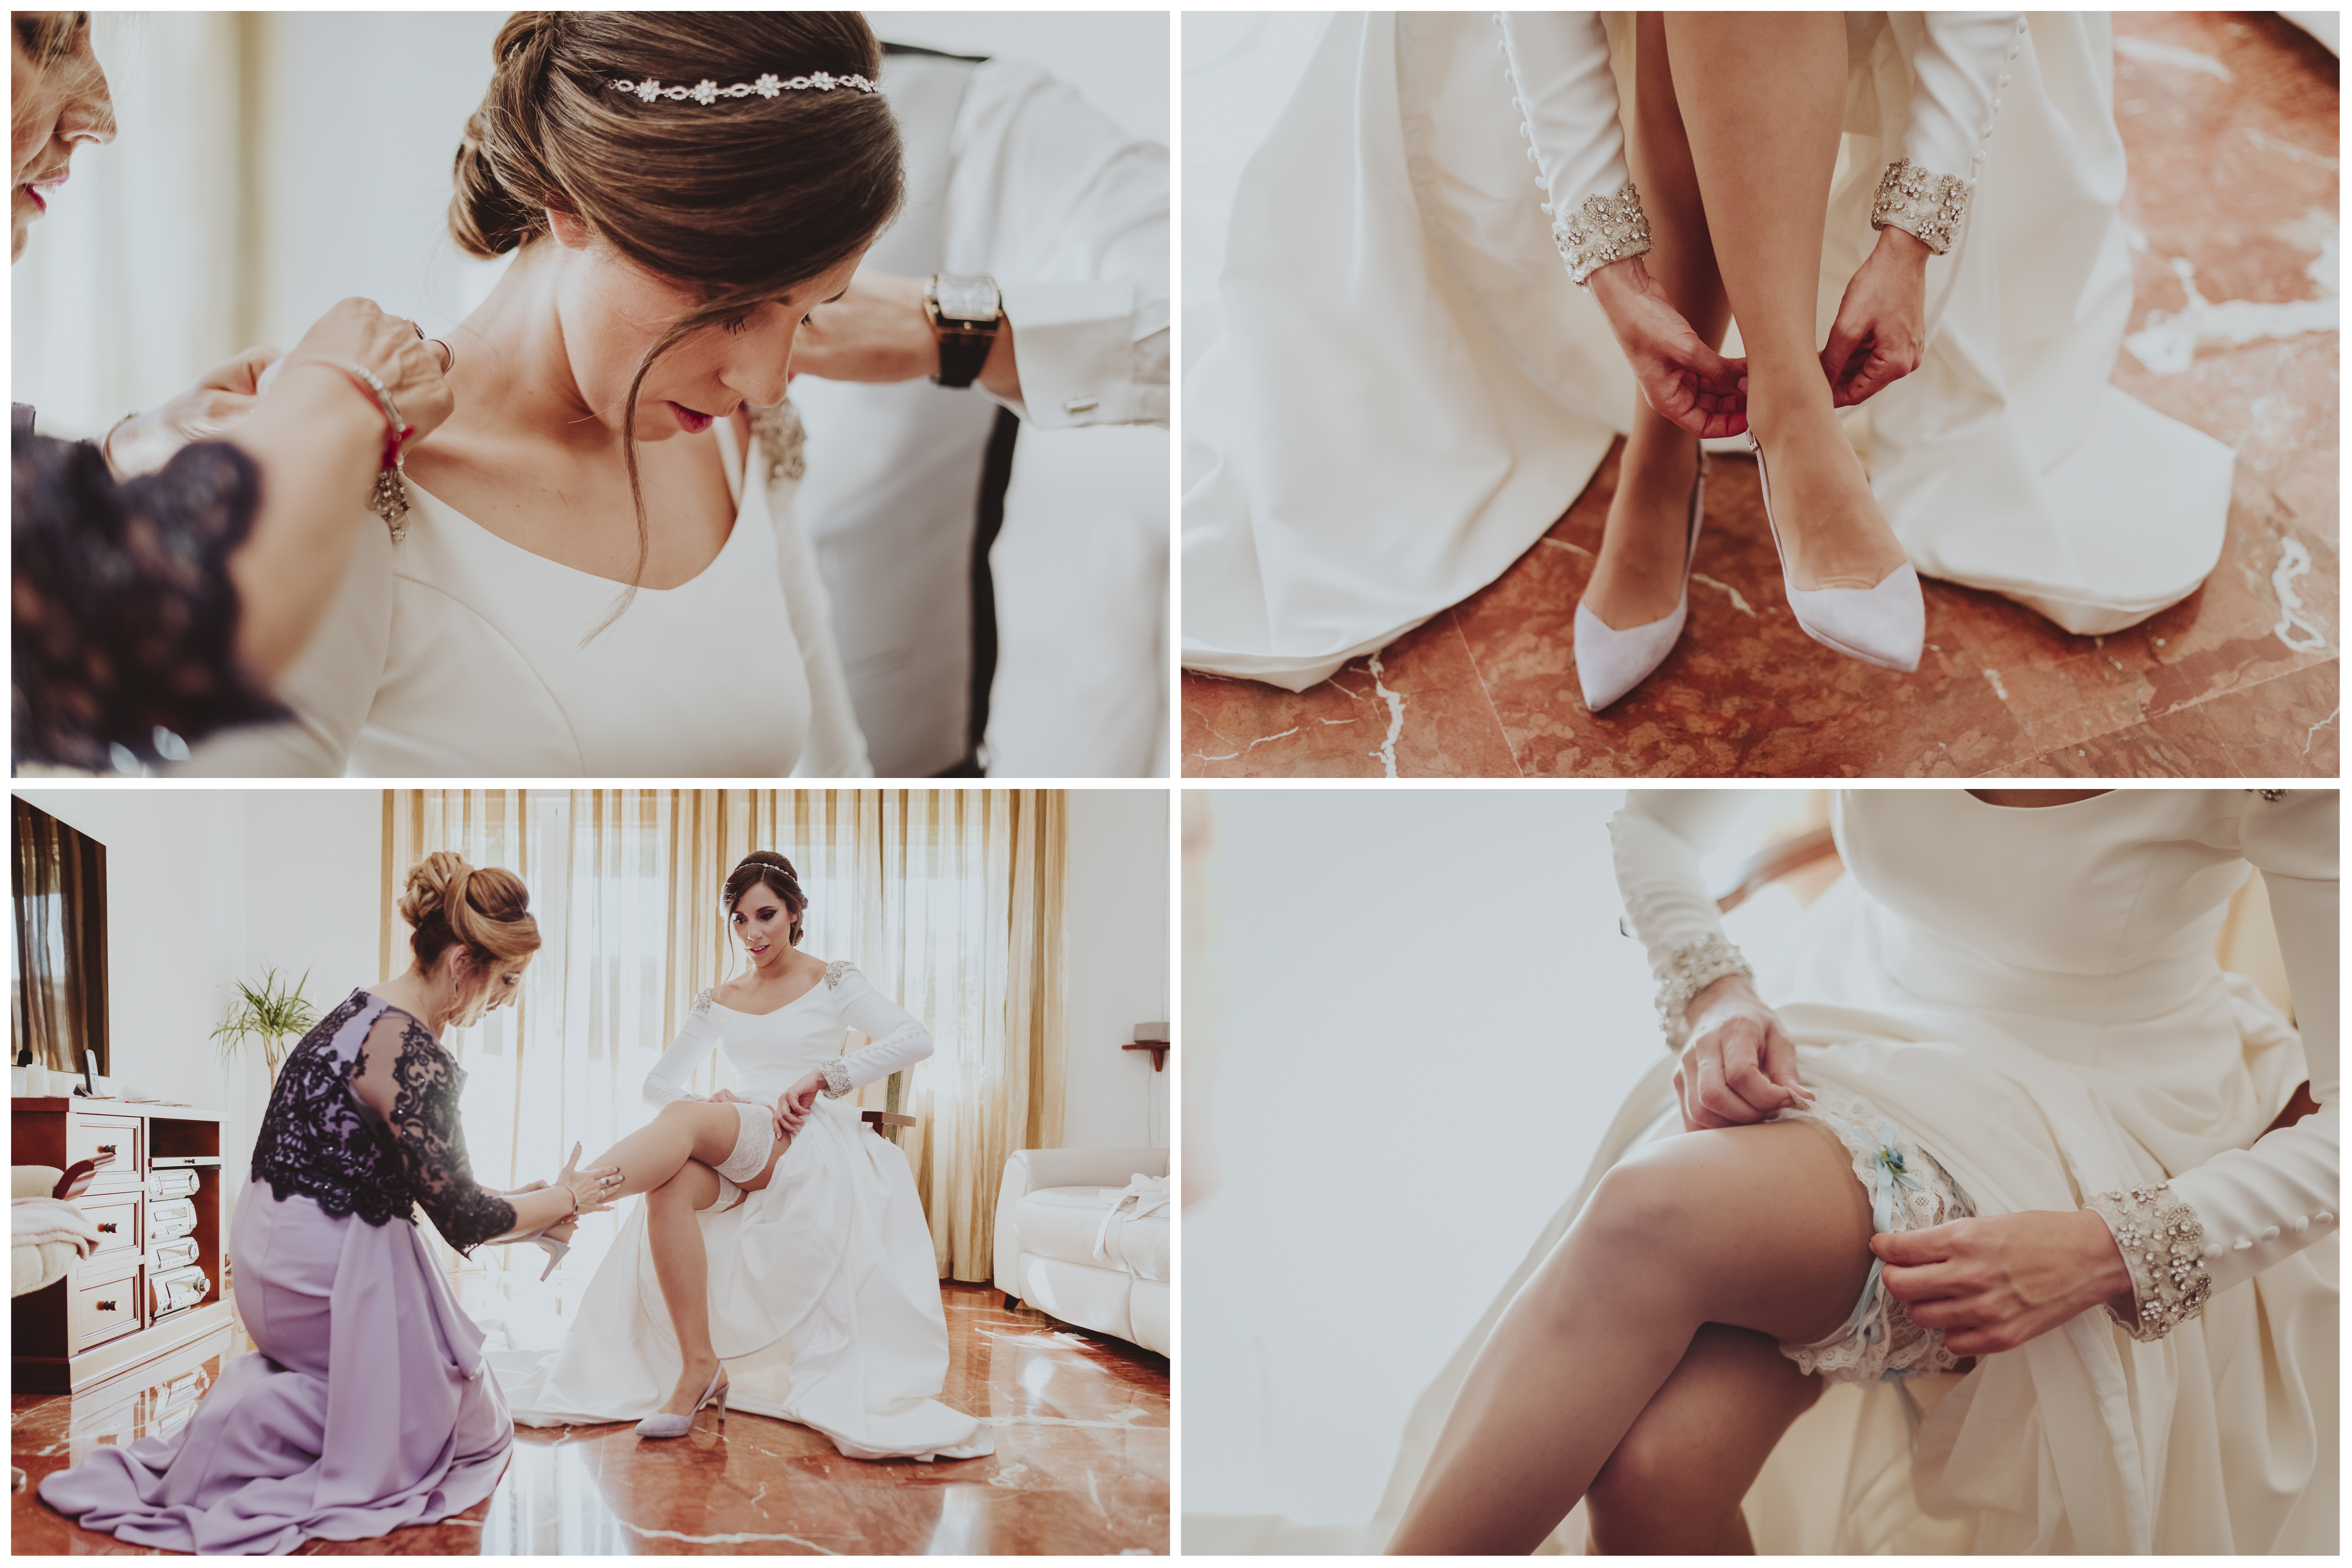 garate-fotografia-de-boda-en-Granada (21)